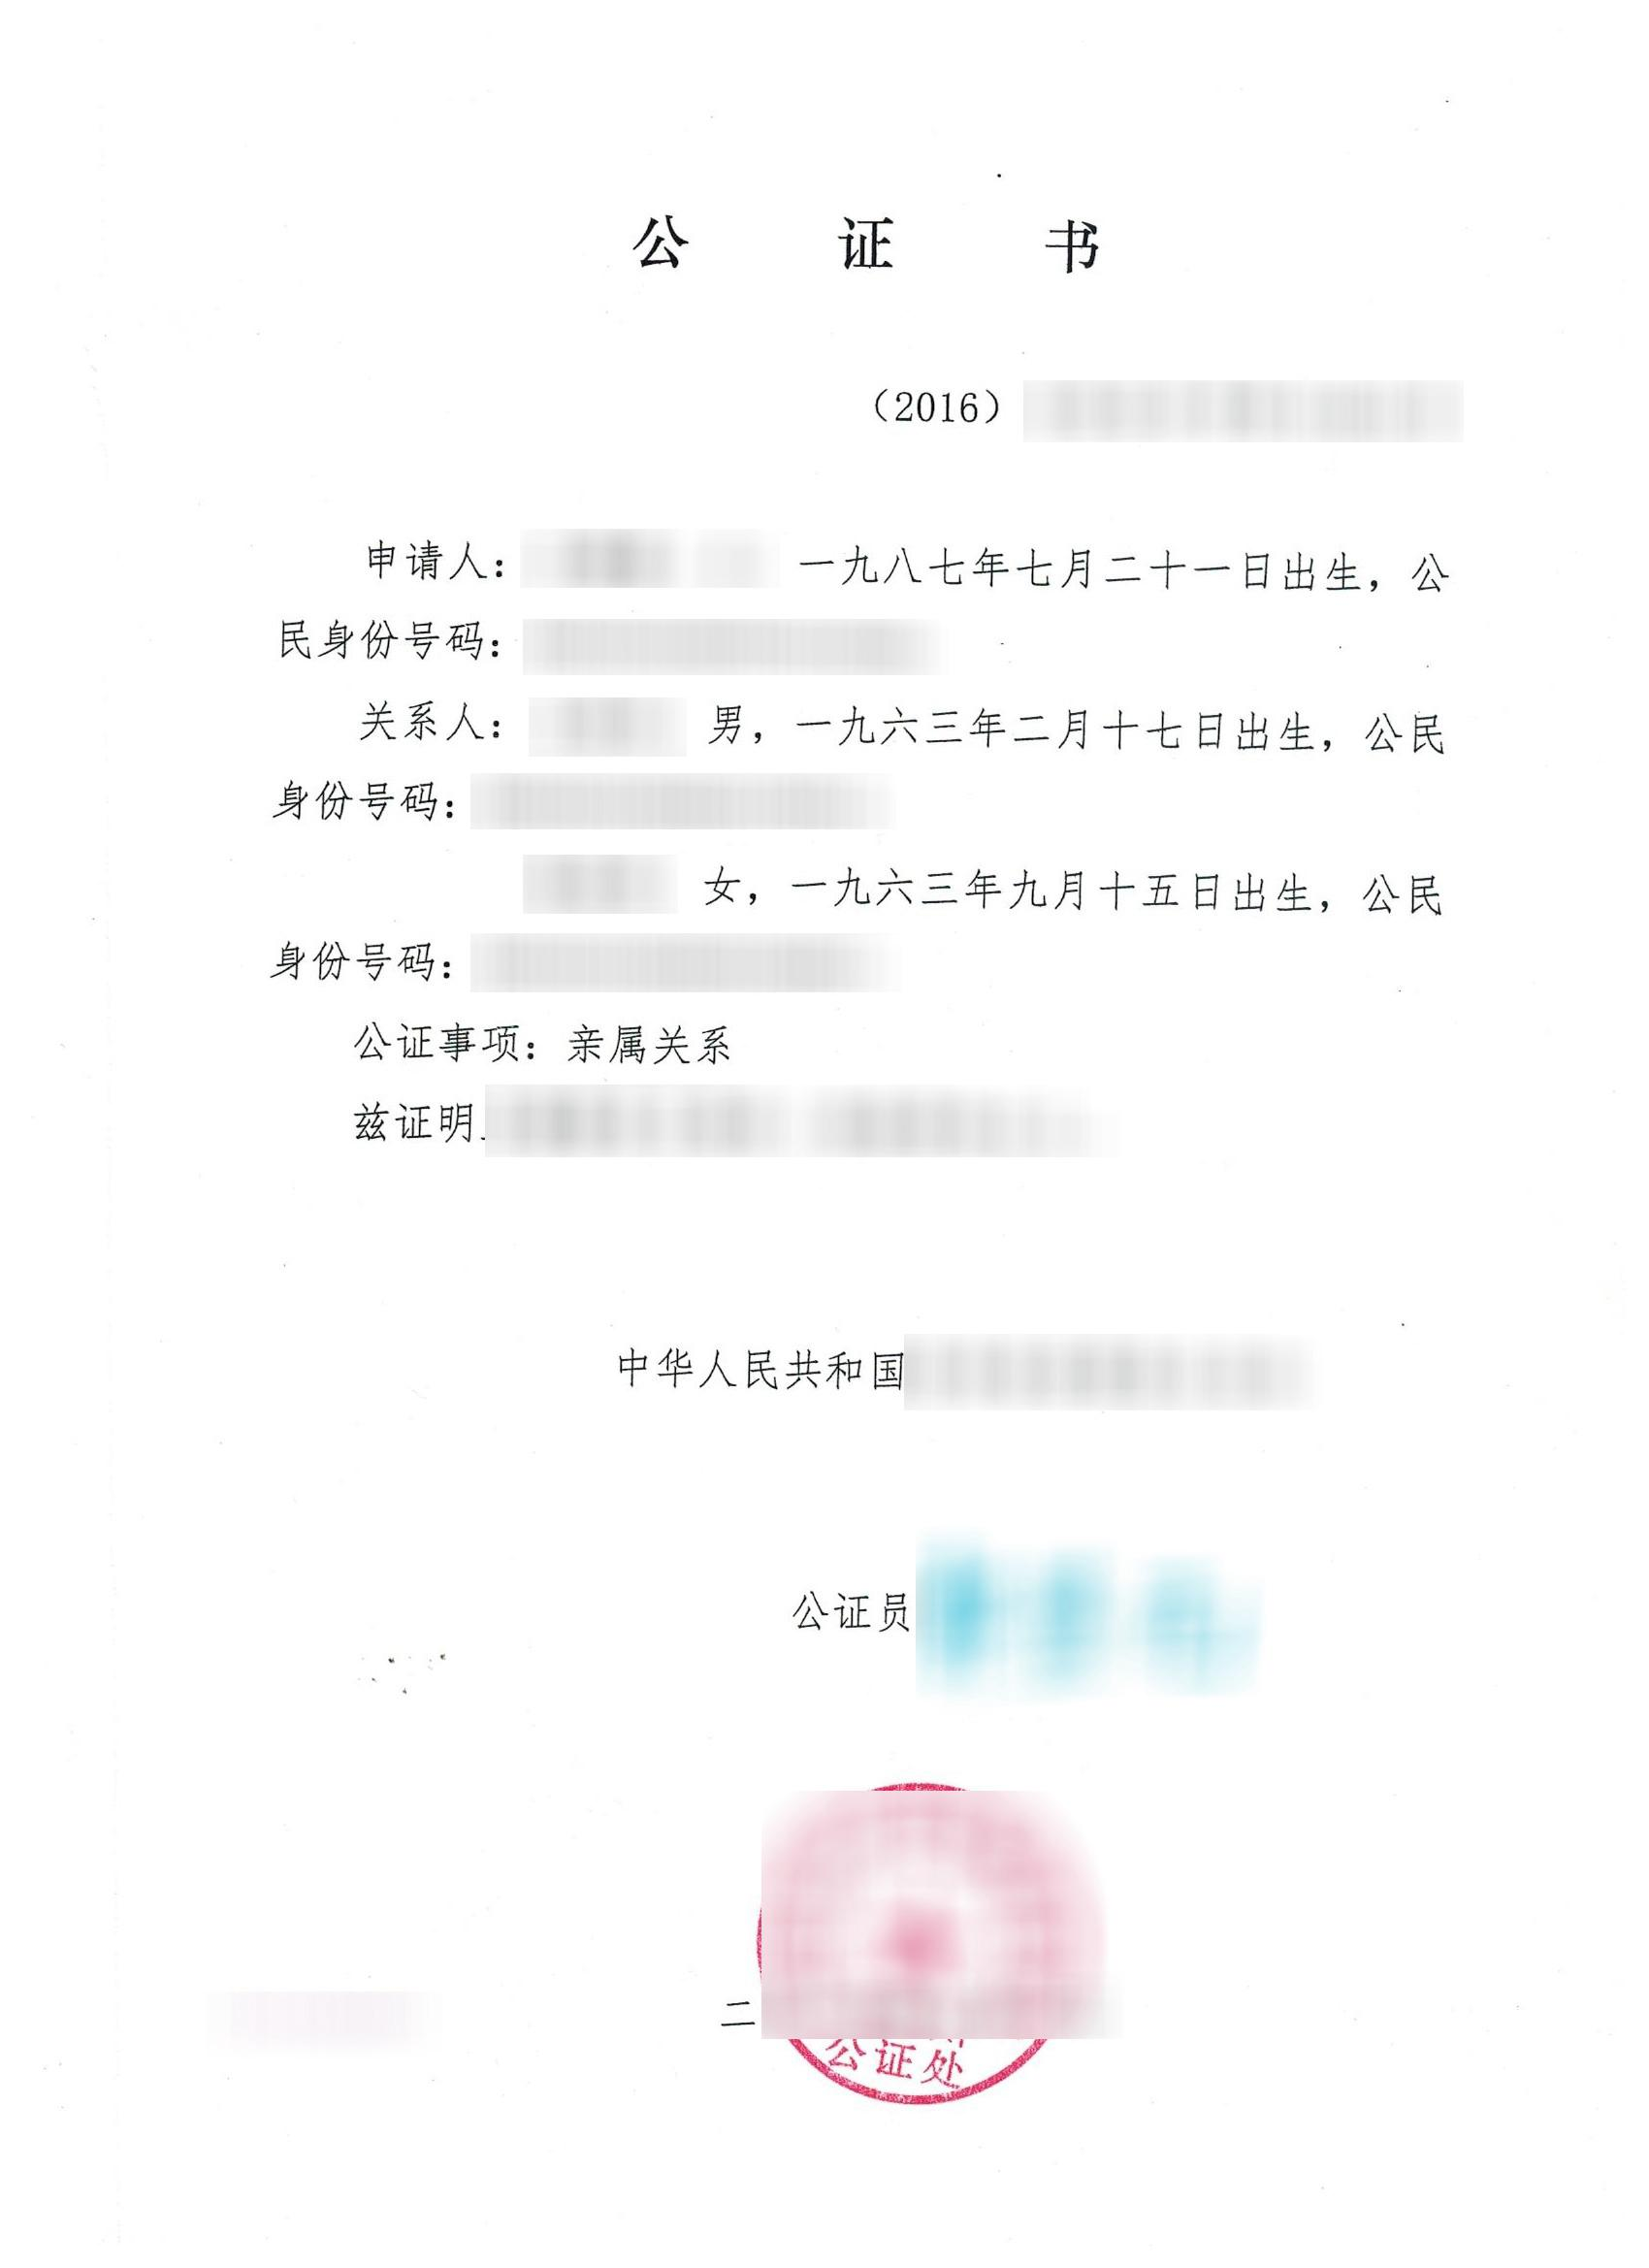 中国办理父母/亲属关系公证需要亲属和本人都到场吗?,中国公证处海外服务中心